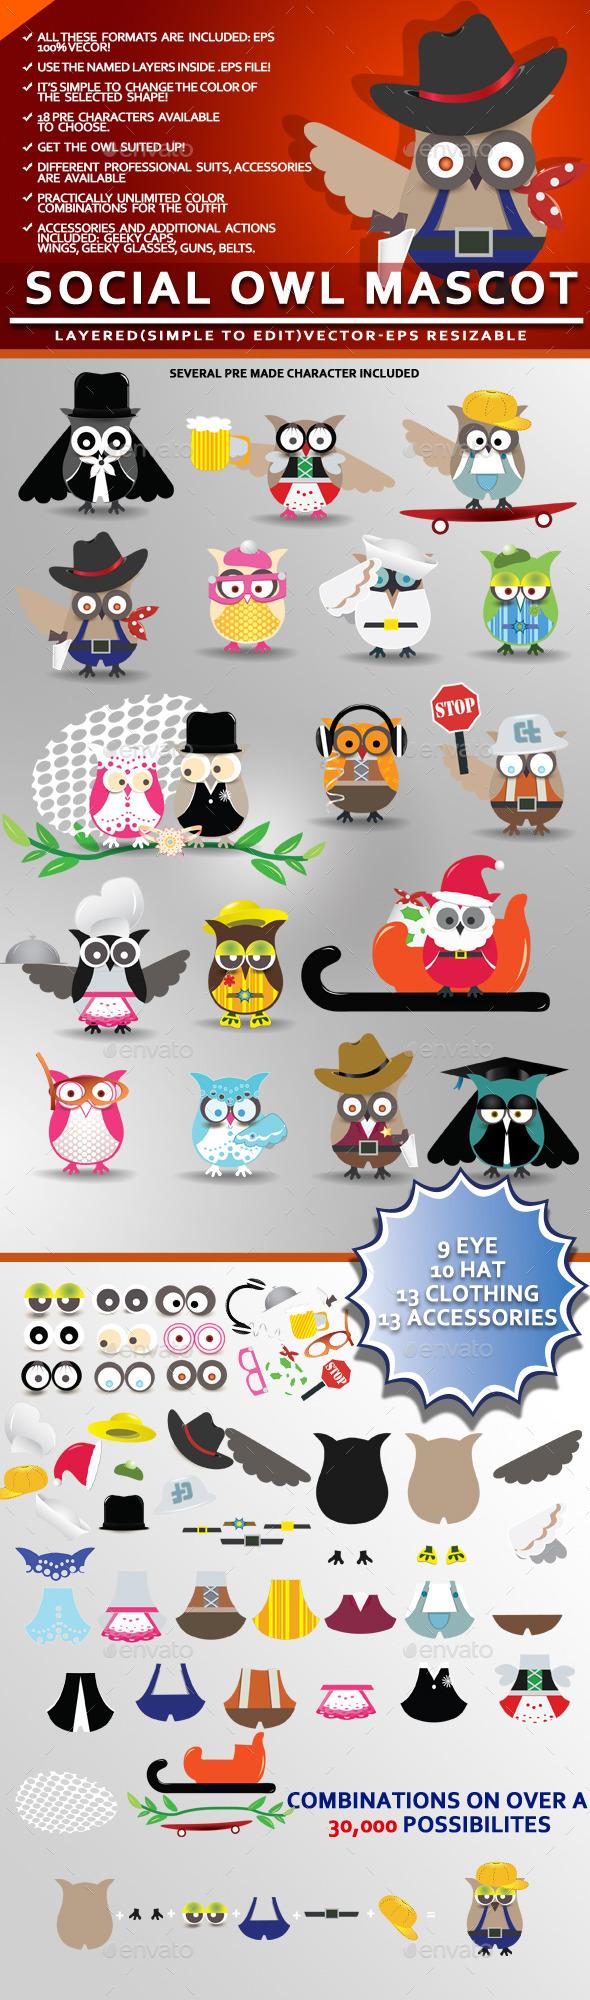 GraphicRiver Social Owl Mascot 10447469